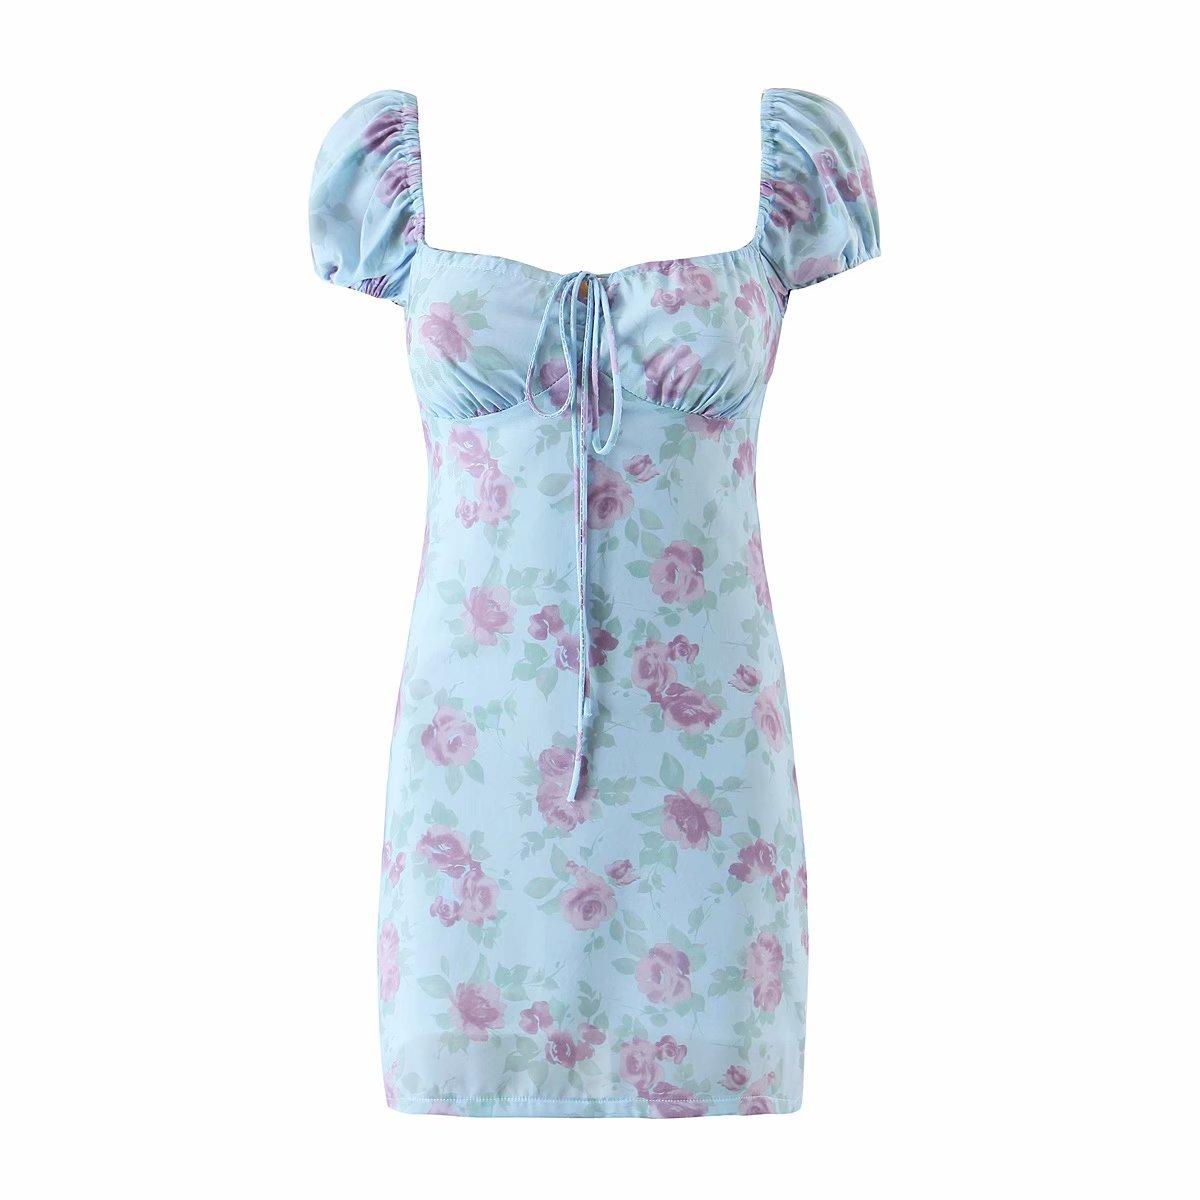 夏季蓝色碎花胸前系带抽绳短袖方领裹胸连衣裙i复古茶歇迷你包臀